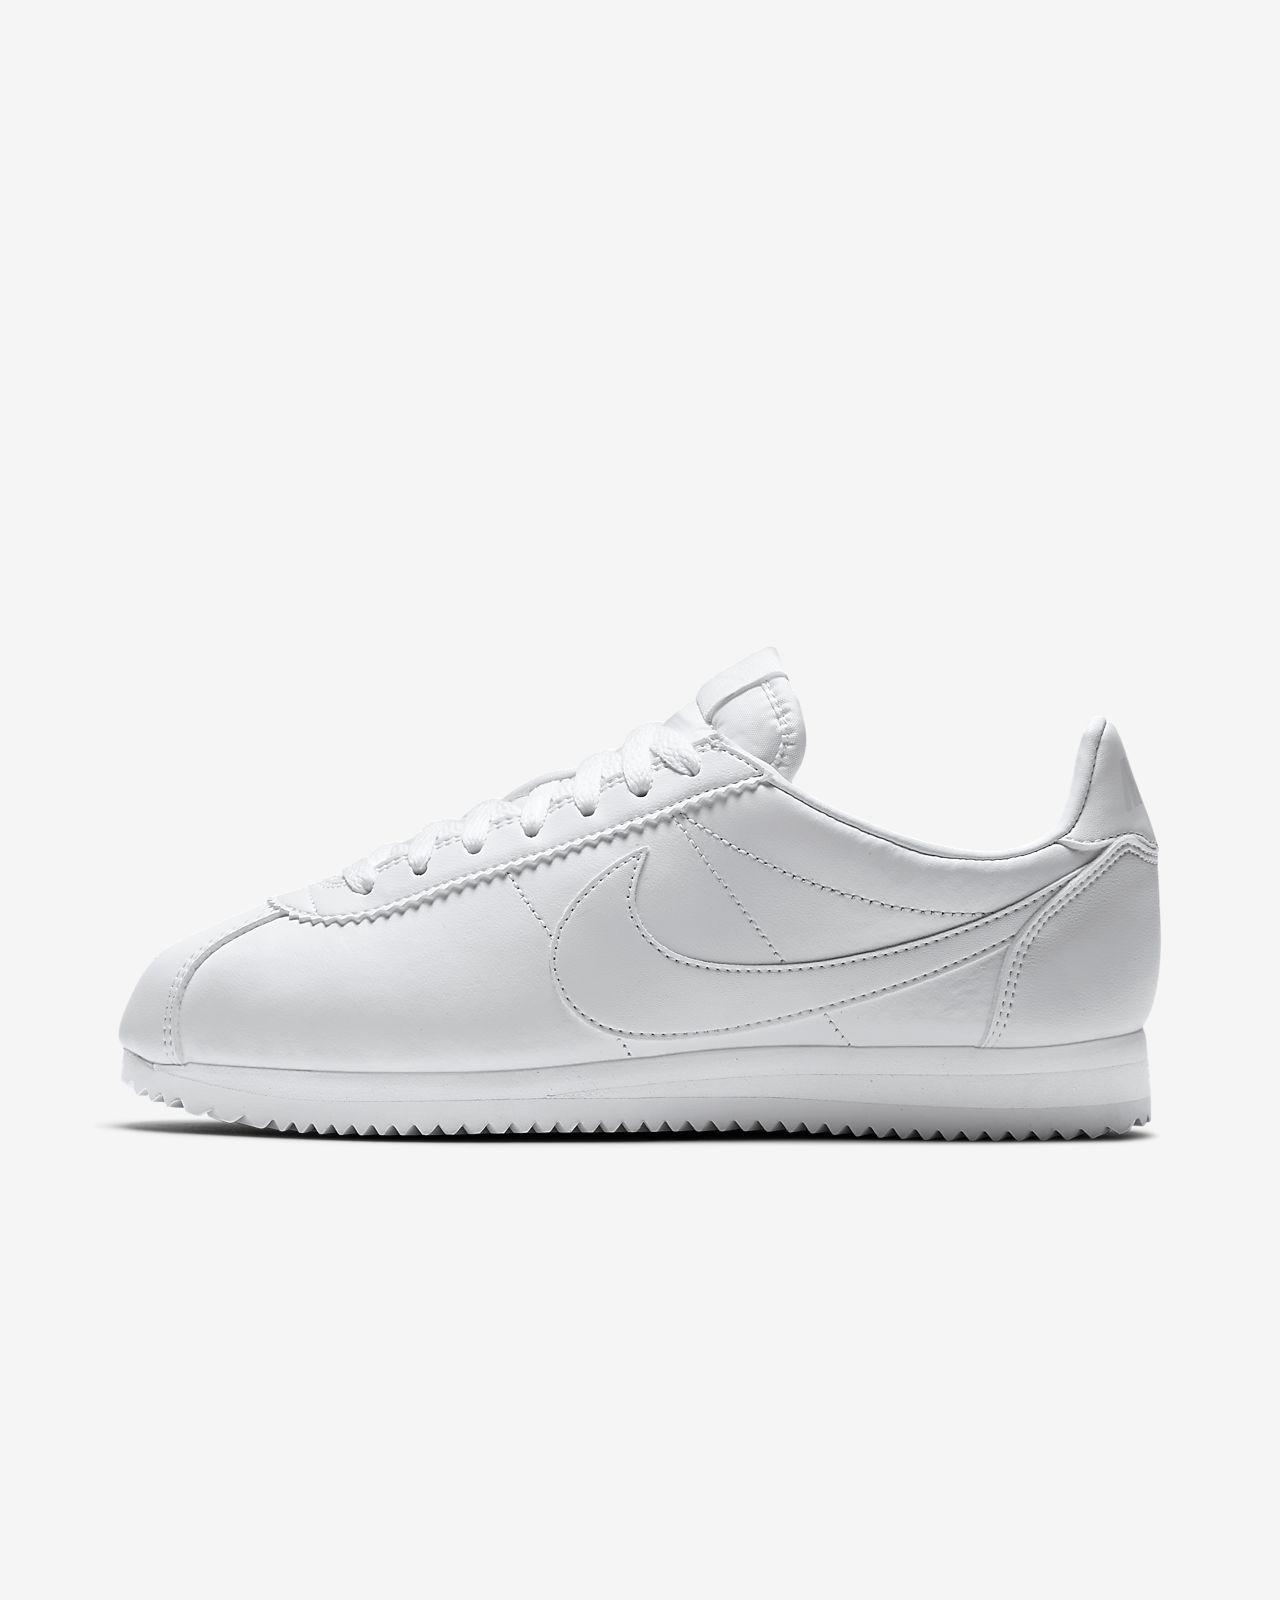 565c352e02cc Nike Classic Cortez Women s Shoe. Nike.com LU